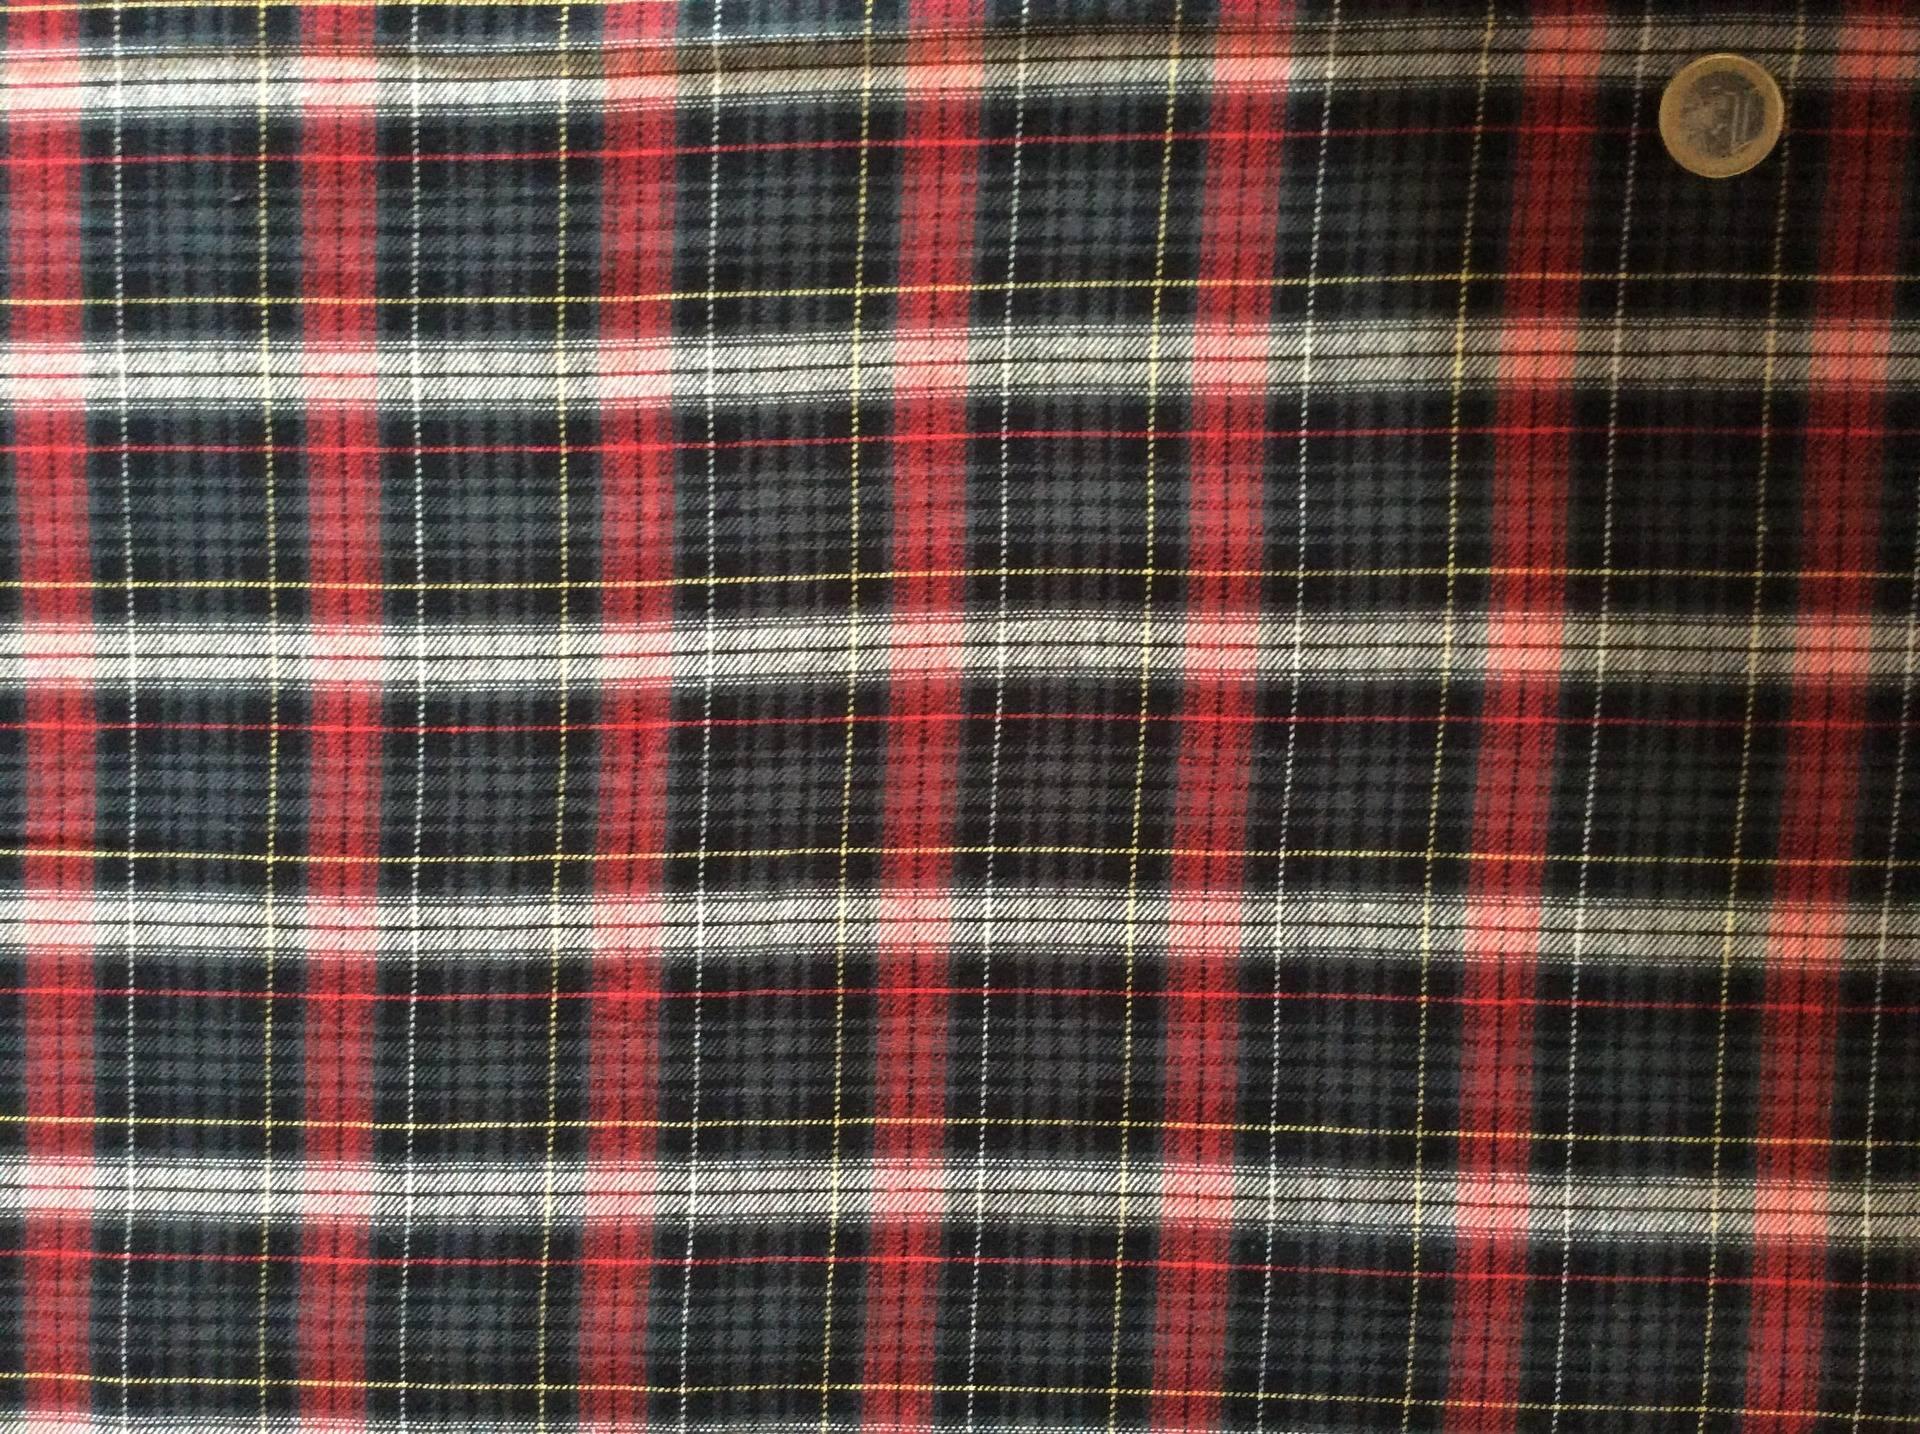 Tissu Coton à Carreaux Pour Chemises Ou Chemisiers